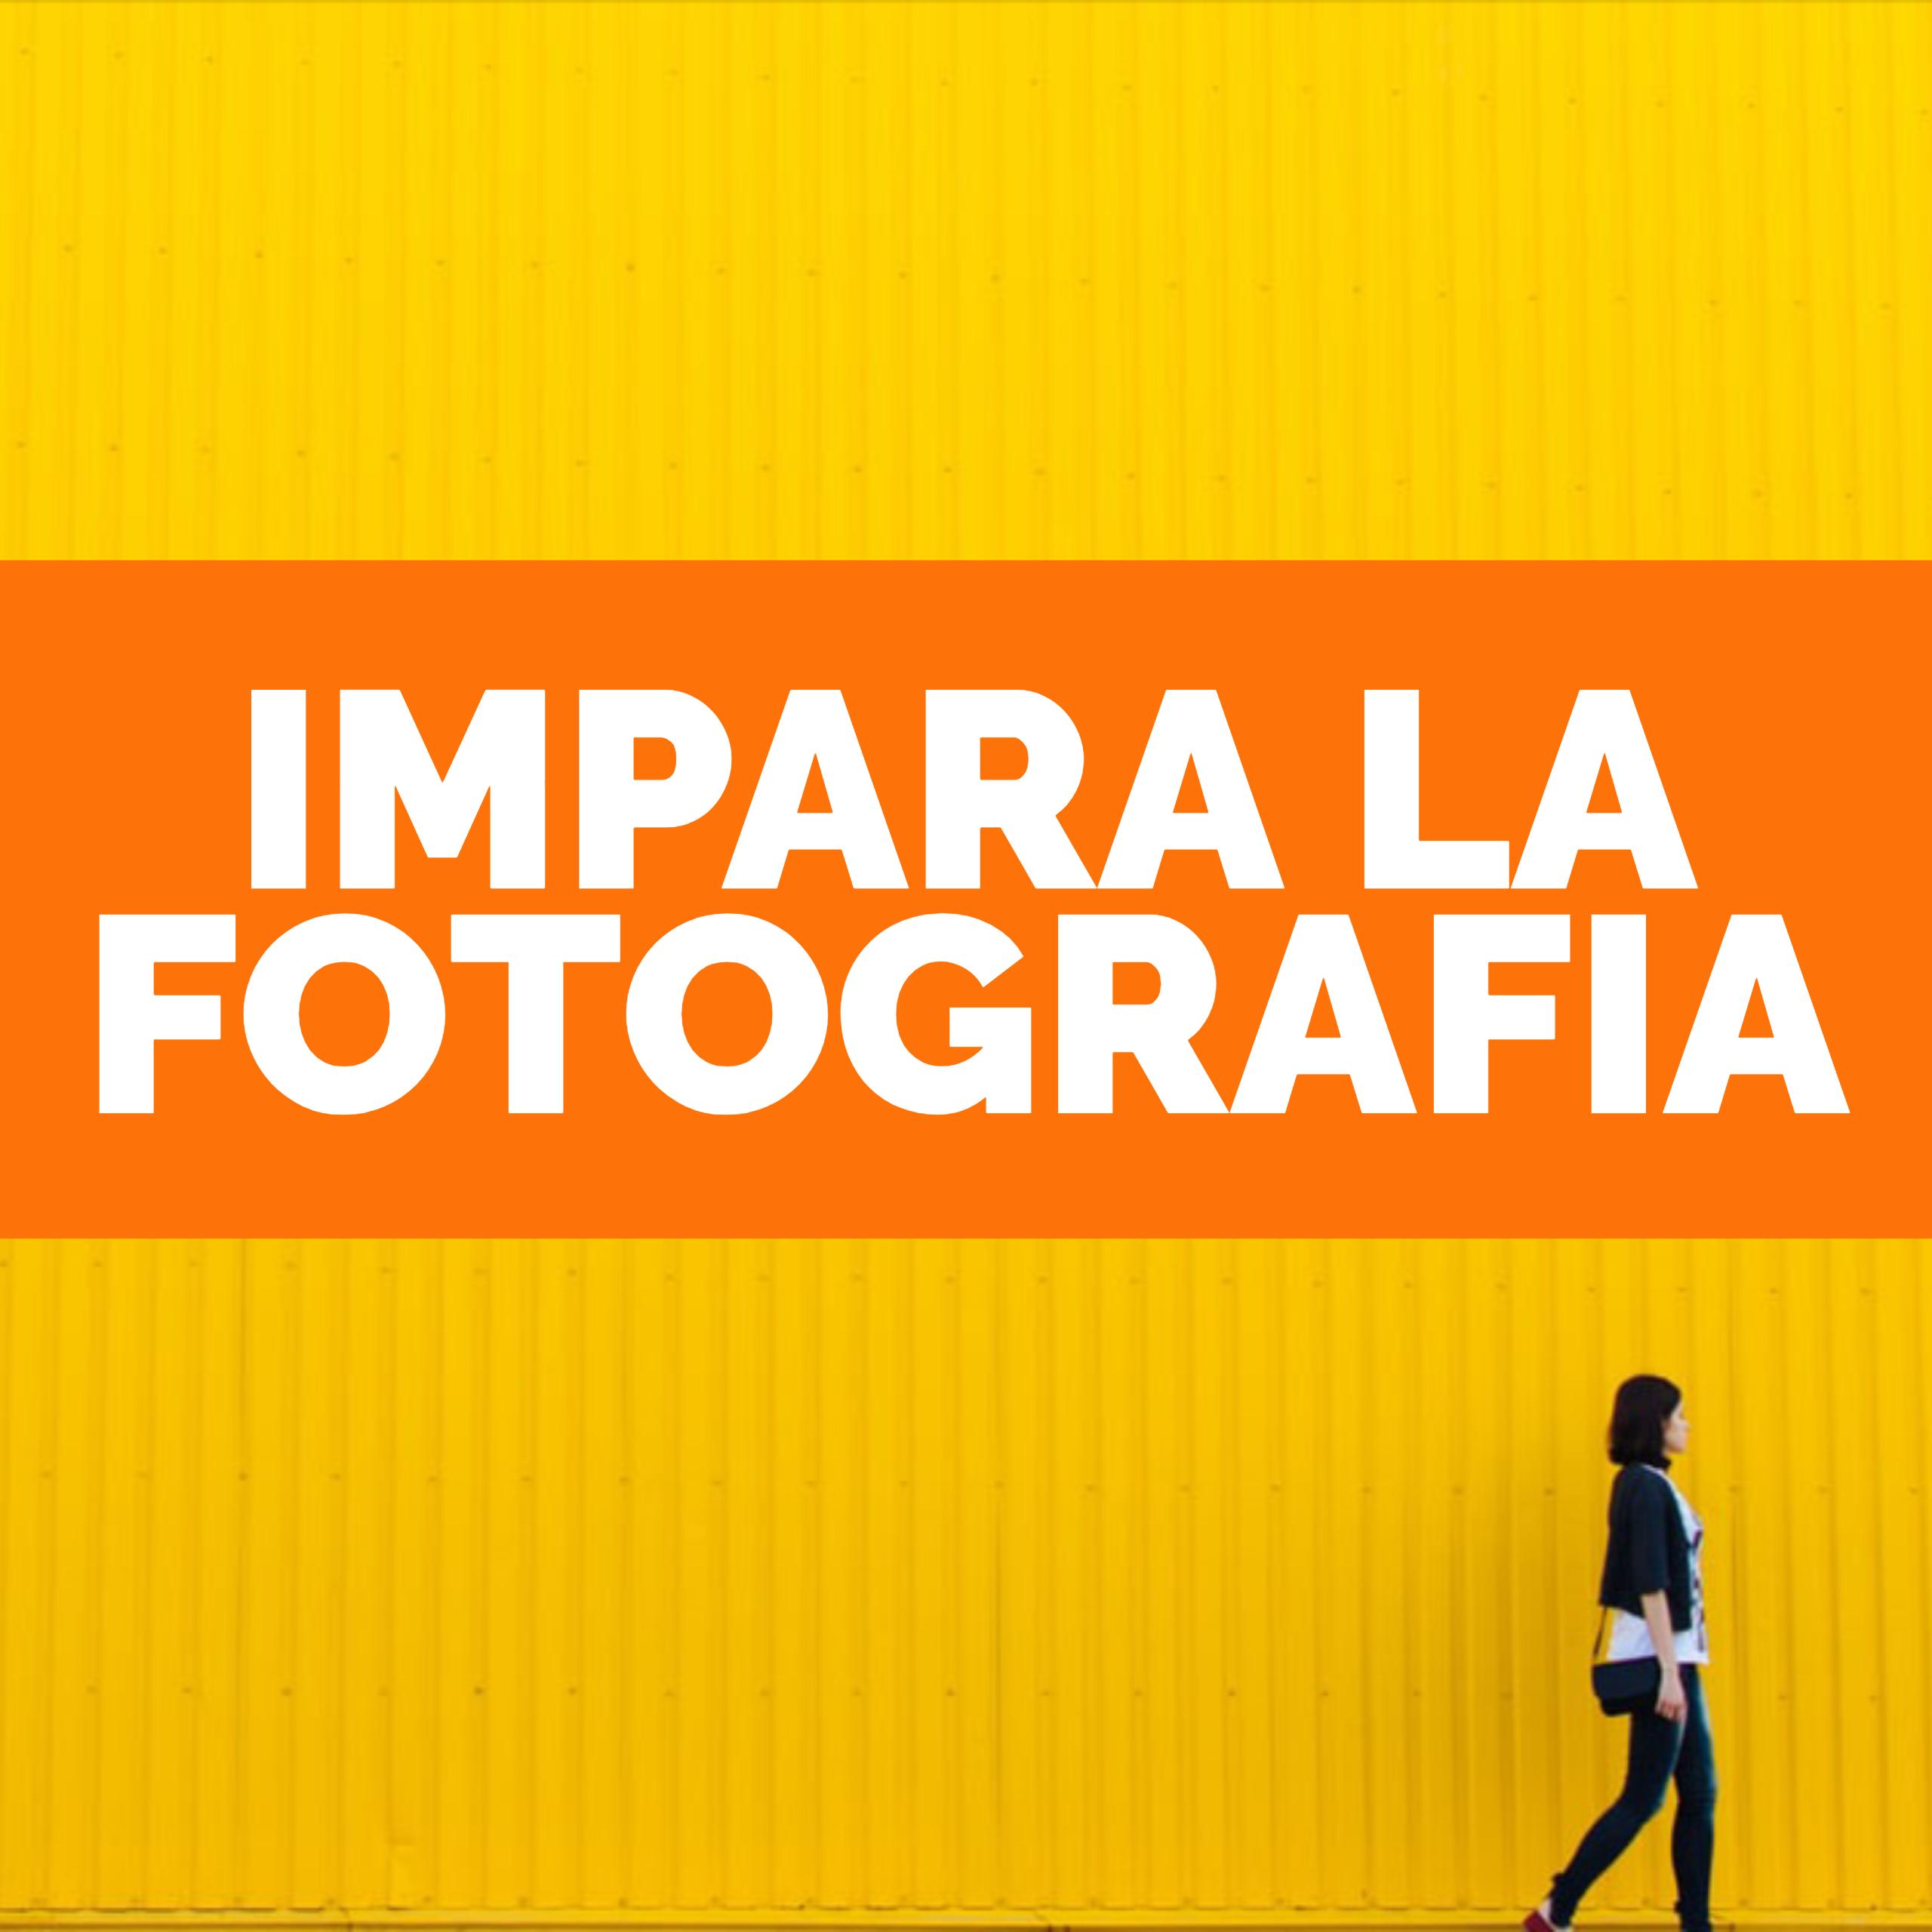 fc9a10343e494c0364272eaec91ff3c0 5+5 migliori Podcast italiani di Fotografia del 2019